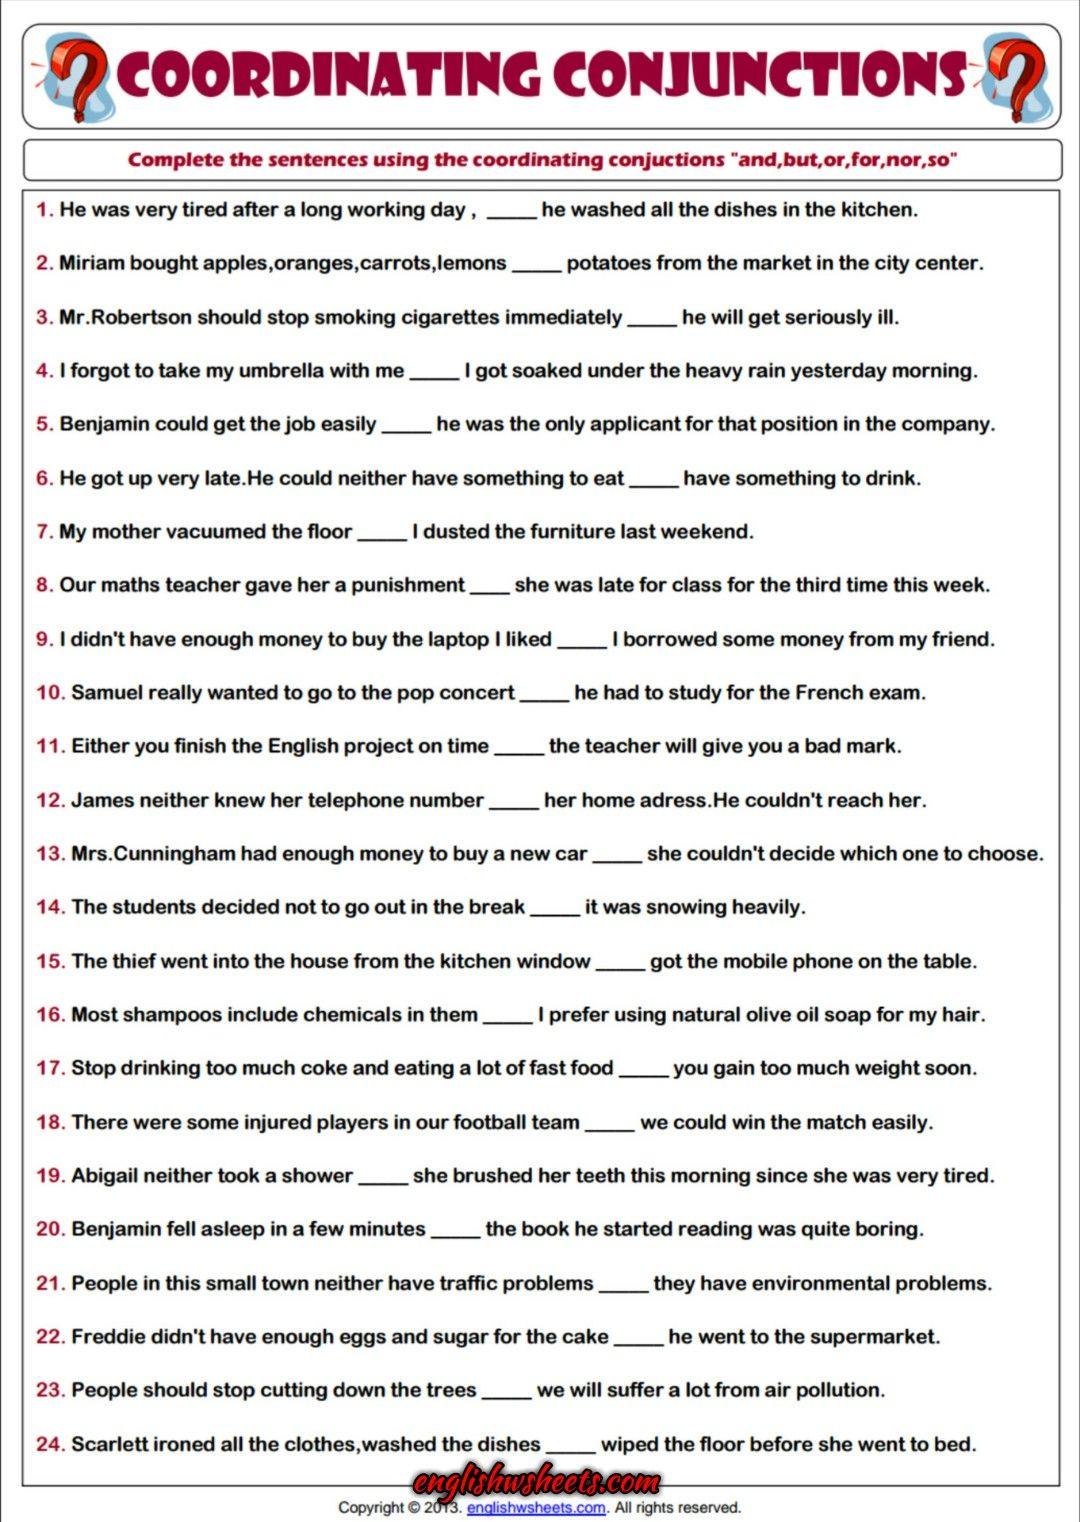 Coordinating Conjunctions Esl Printable Grammar Worksheet